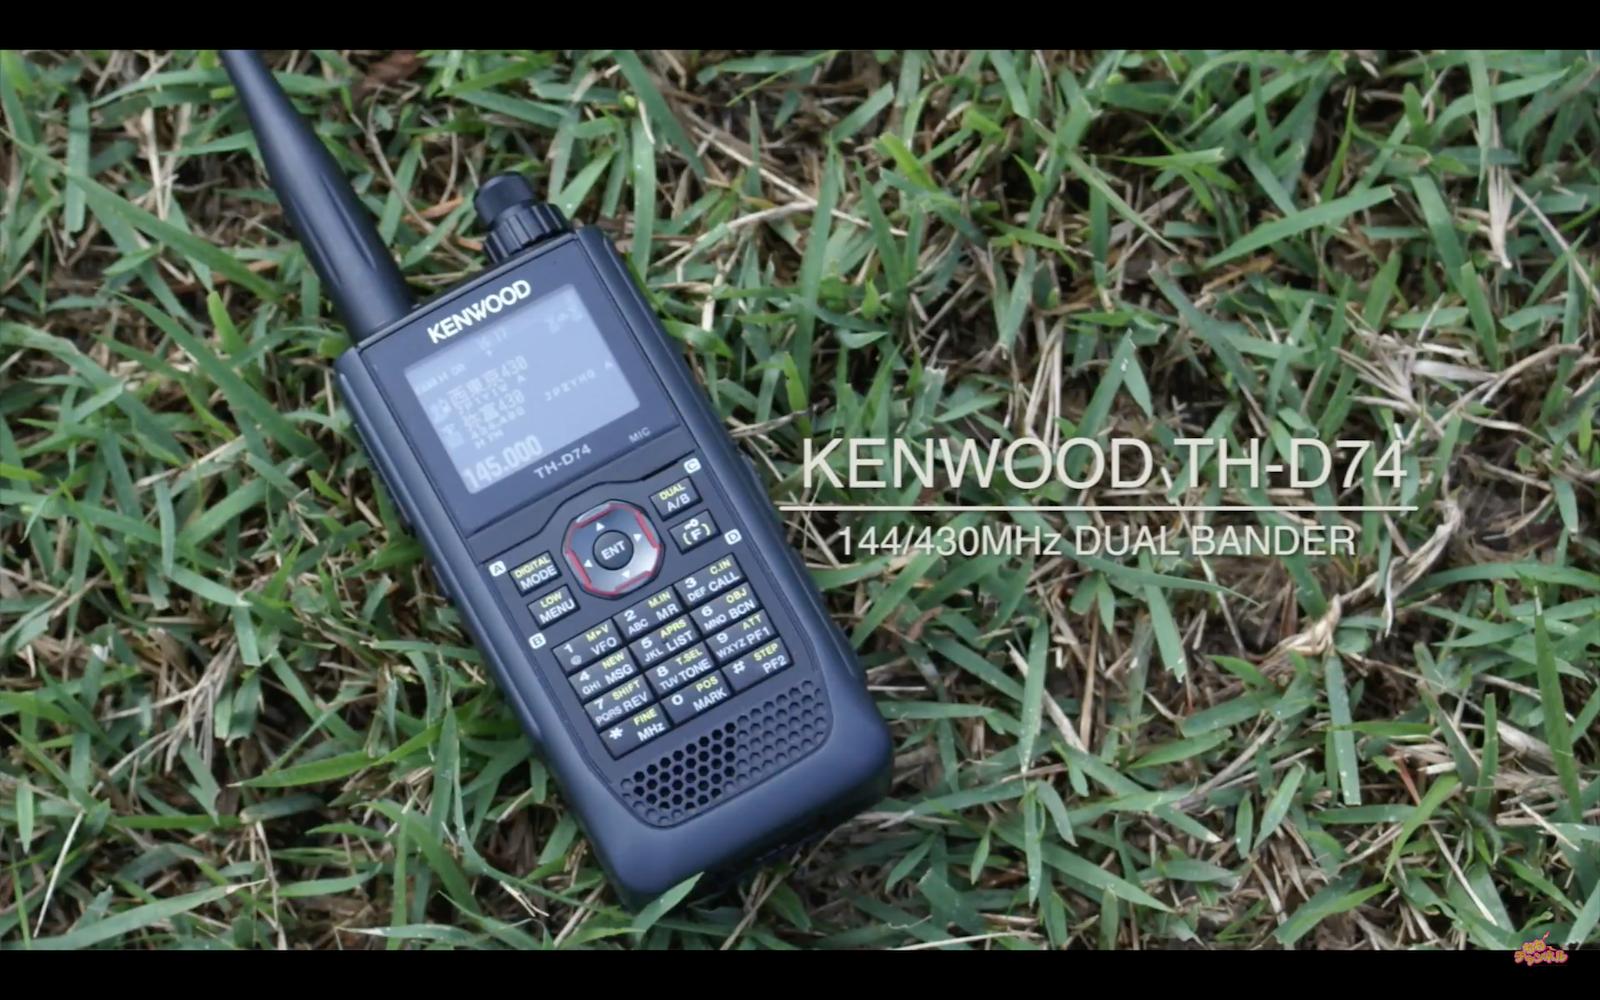 広帯域受信機として秀逸なD-STARハンディ KENWOOD TH-D74【FB HAM RADIO GEAR and more 】